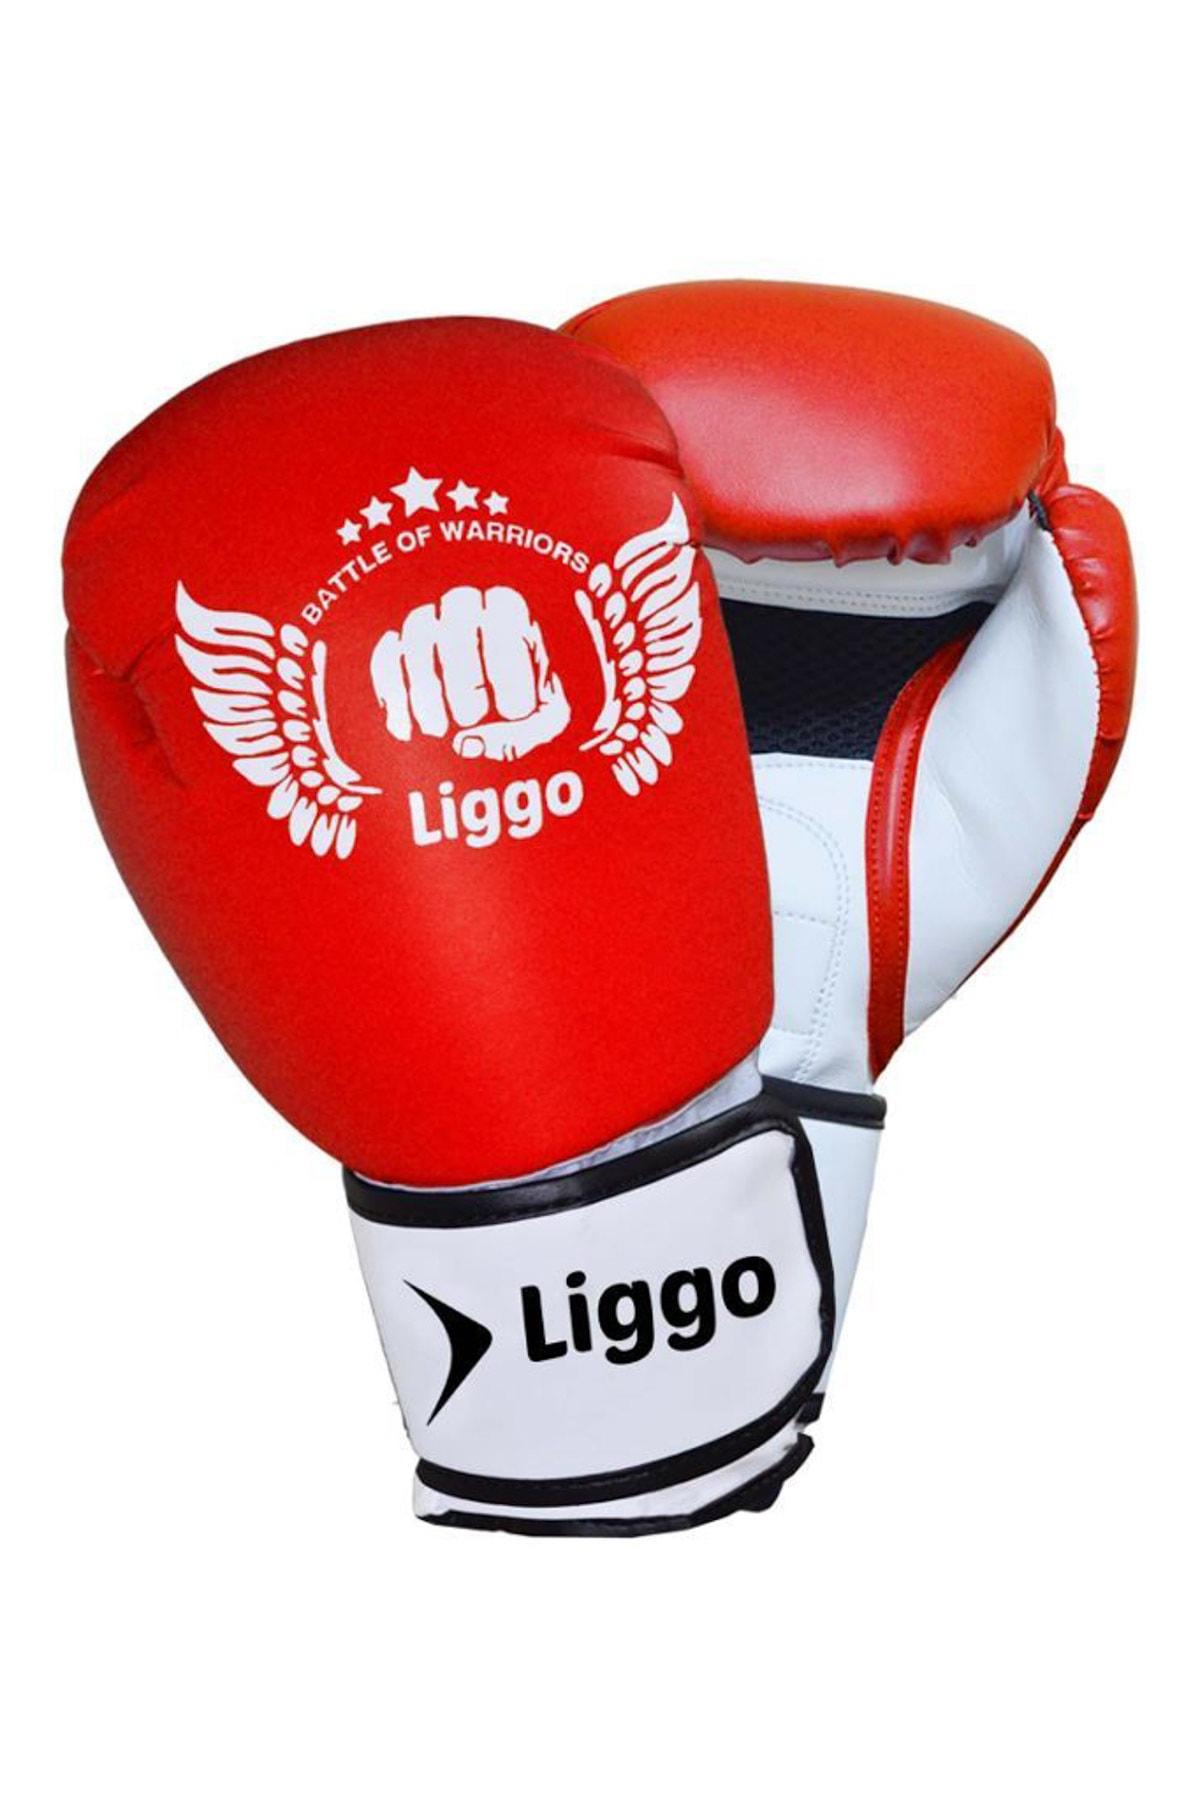 Liggo Unisex Çocuk Kırmızı Boks Eldiveni Kick Boks Muay Thai Eldiveni Liggo Force 1